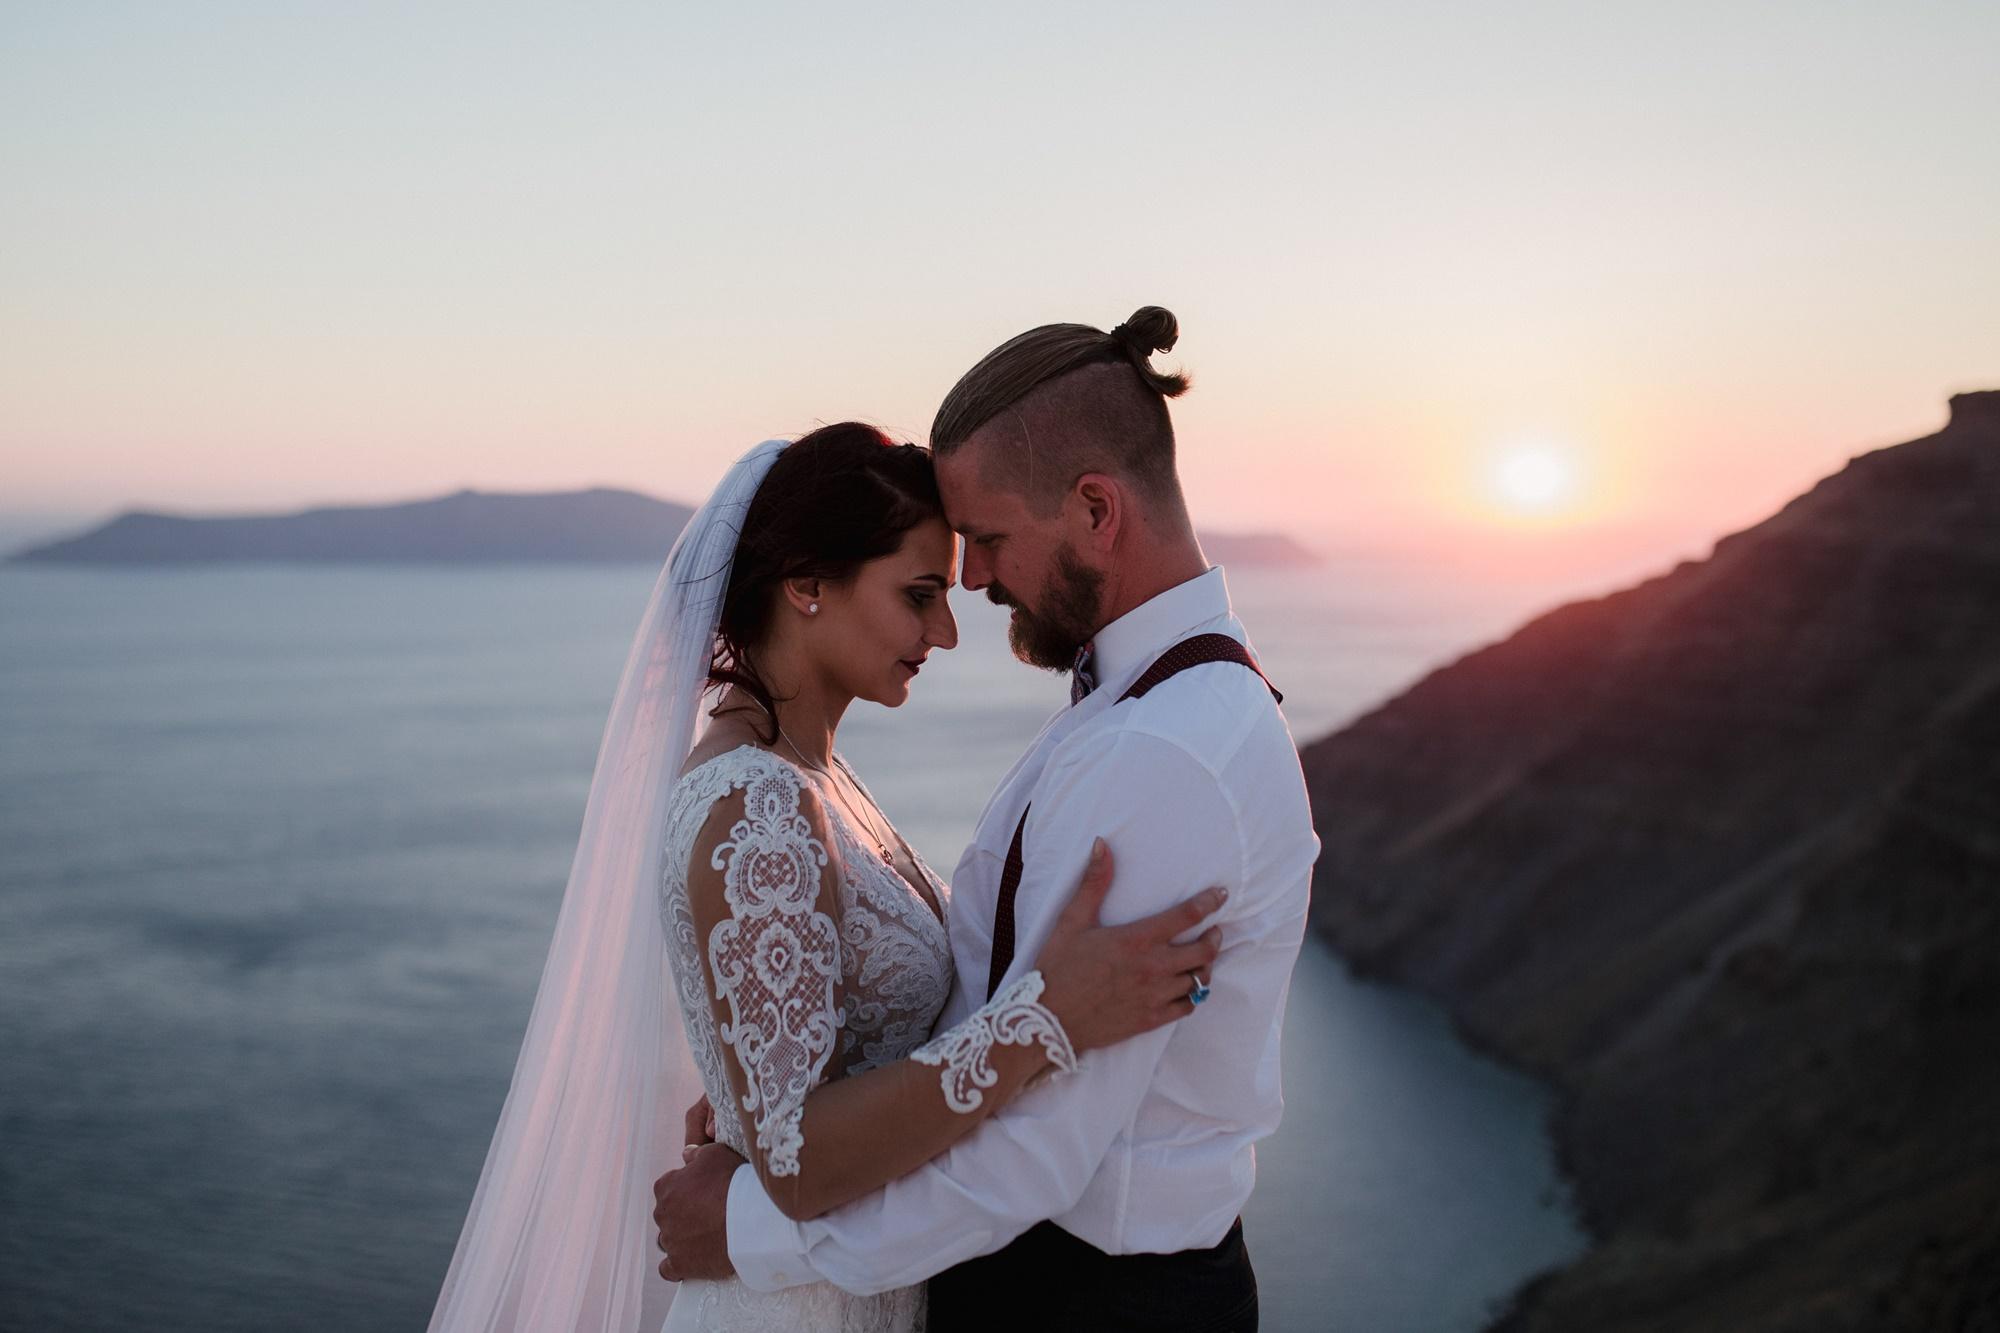 Γάμος στη Σαντορίνη ντυμένος στο κόκκινο & το λευκό